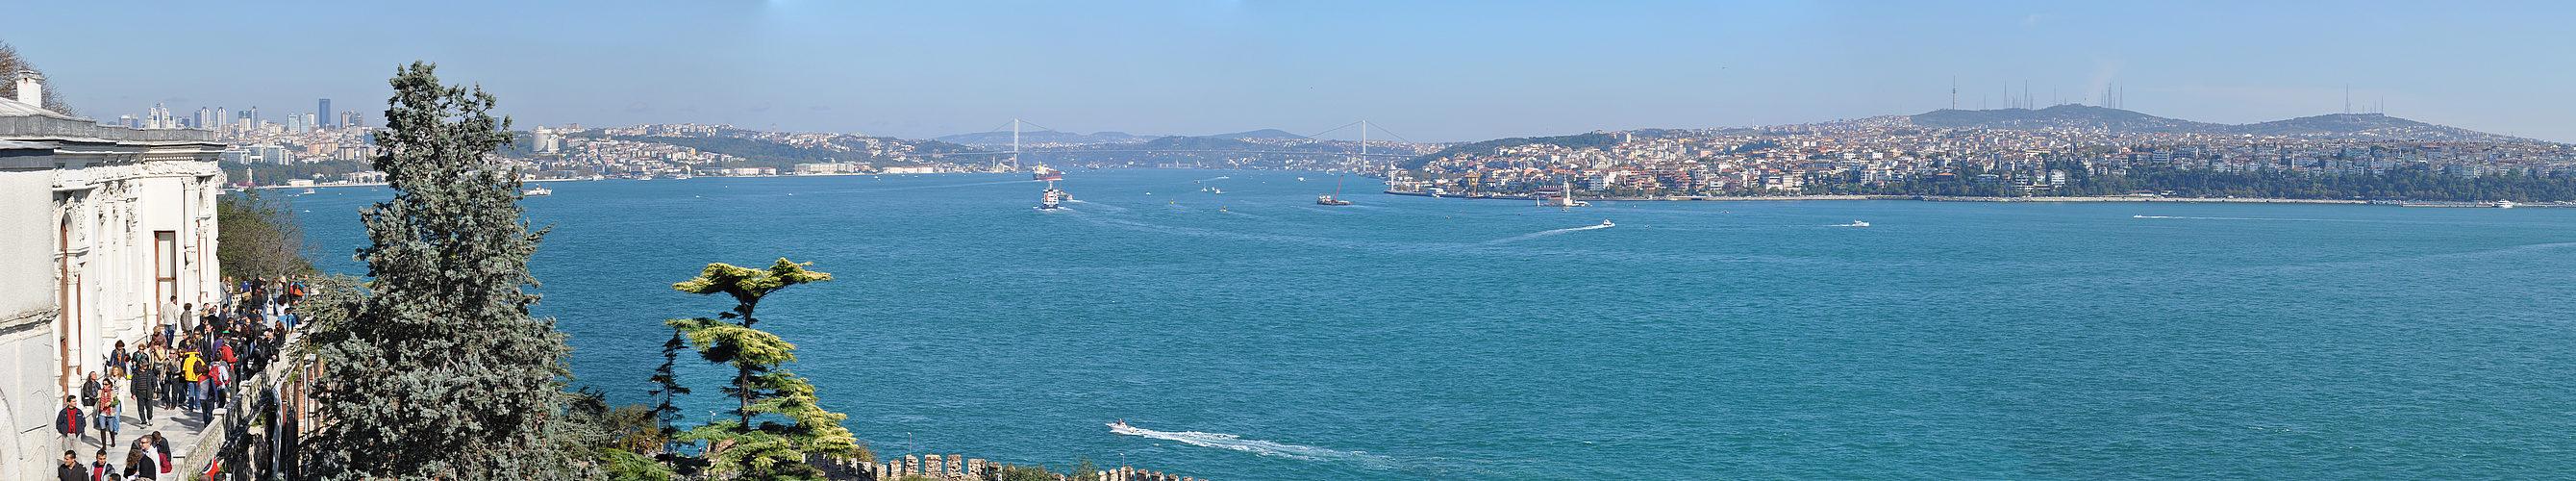 Bosporus Panorama